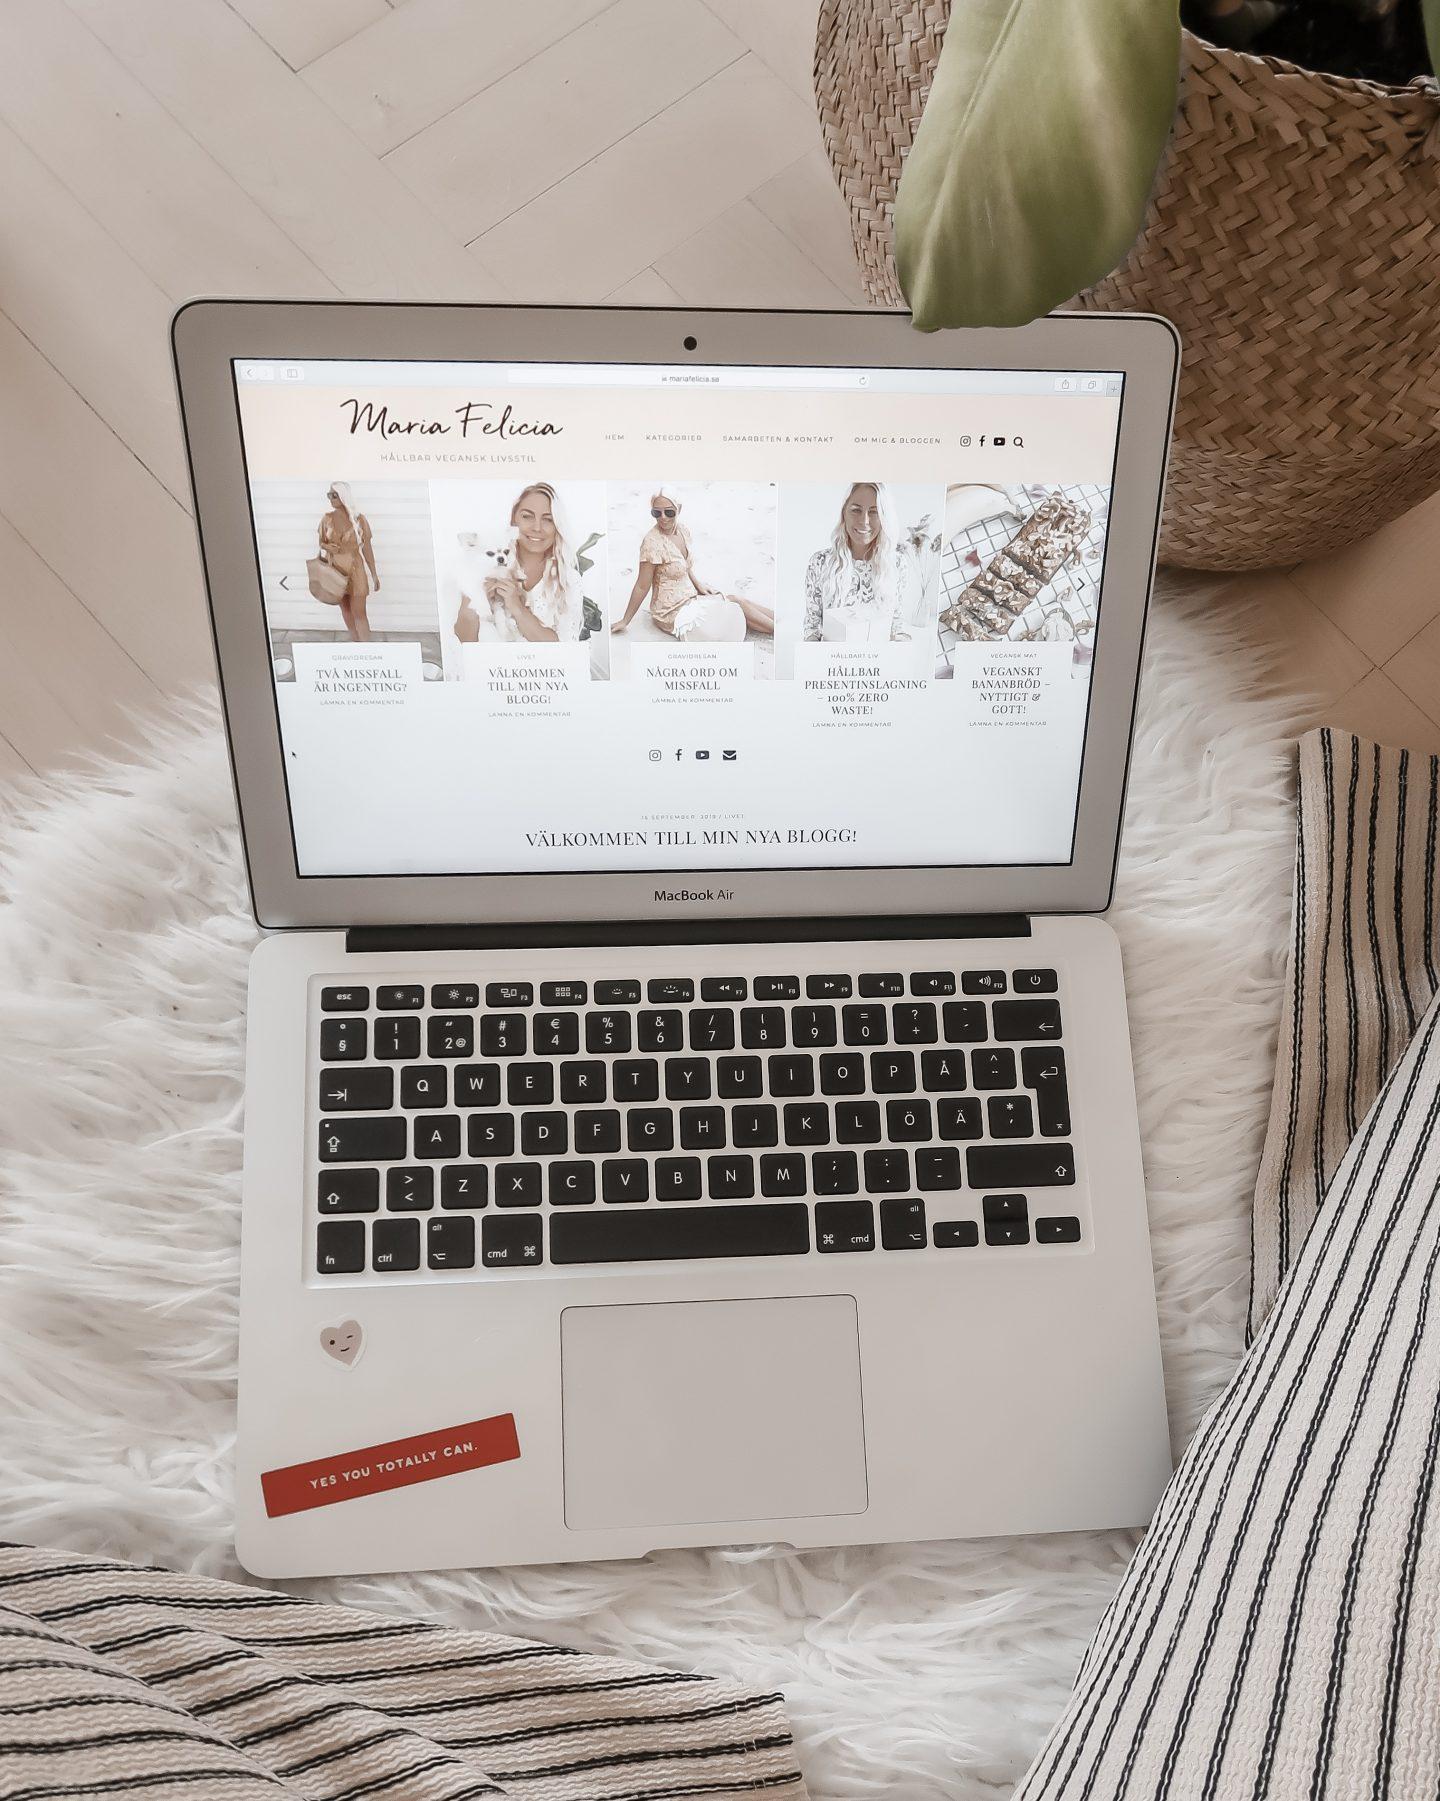 mariafelicia blogg